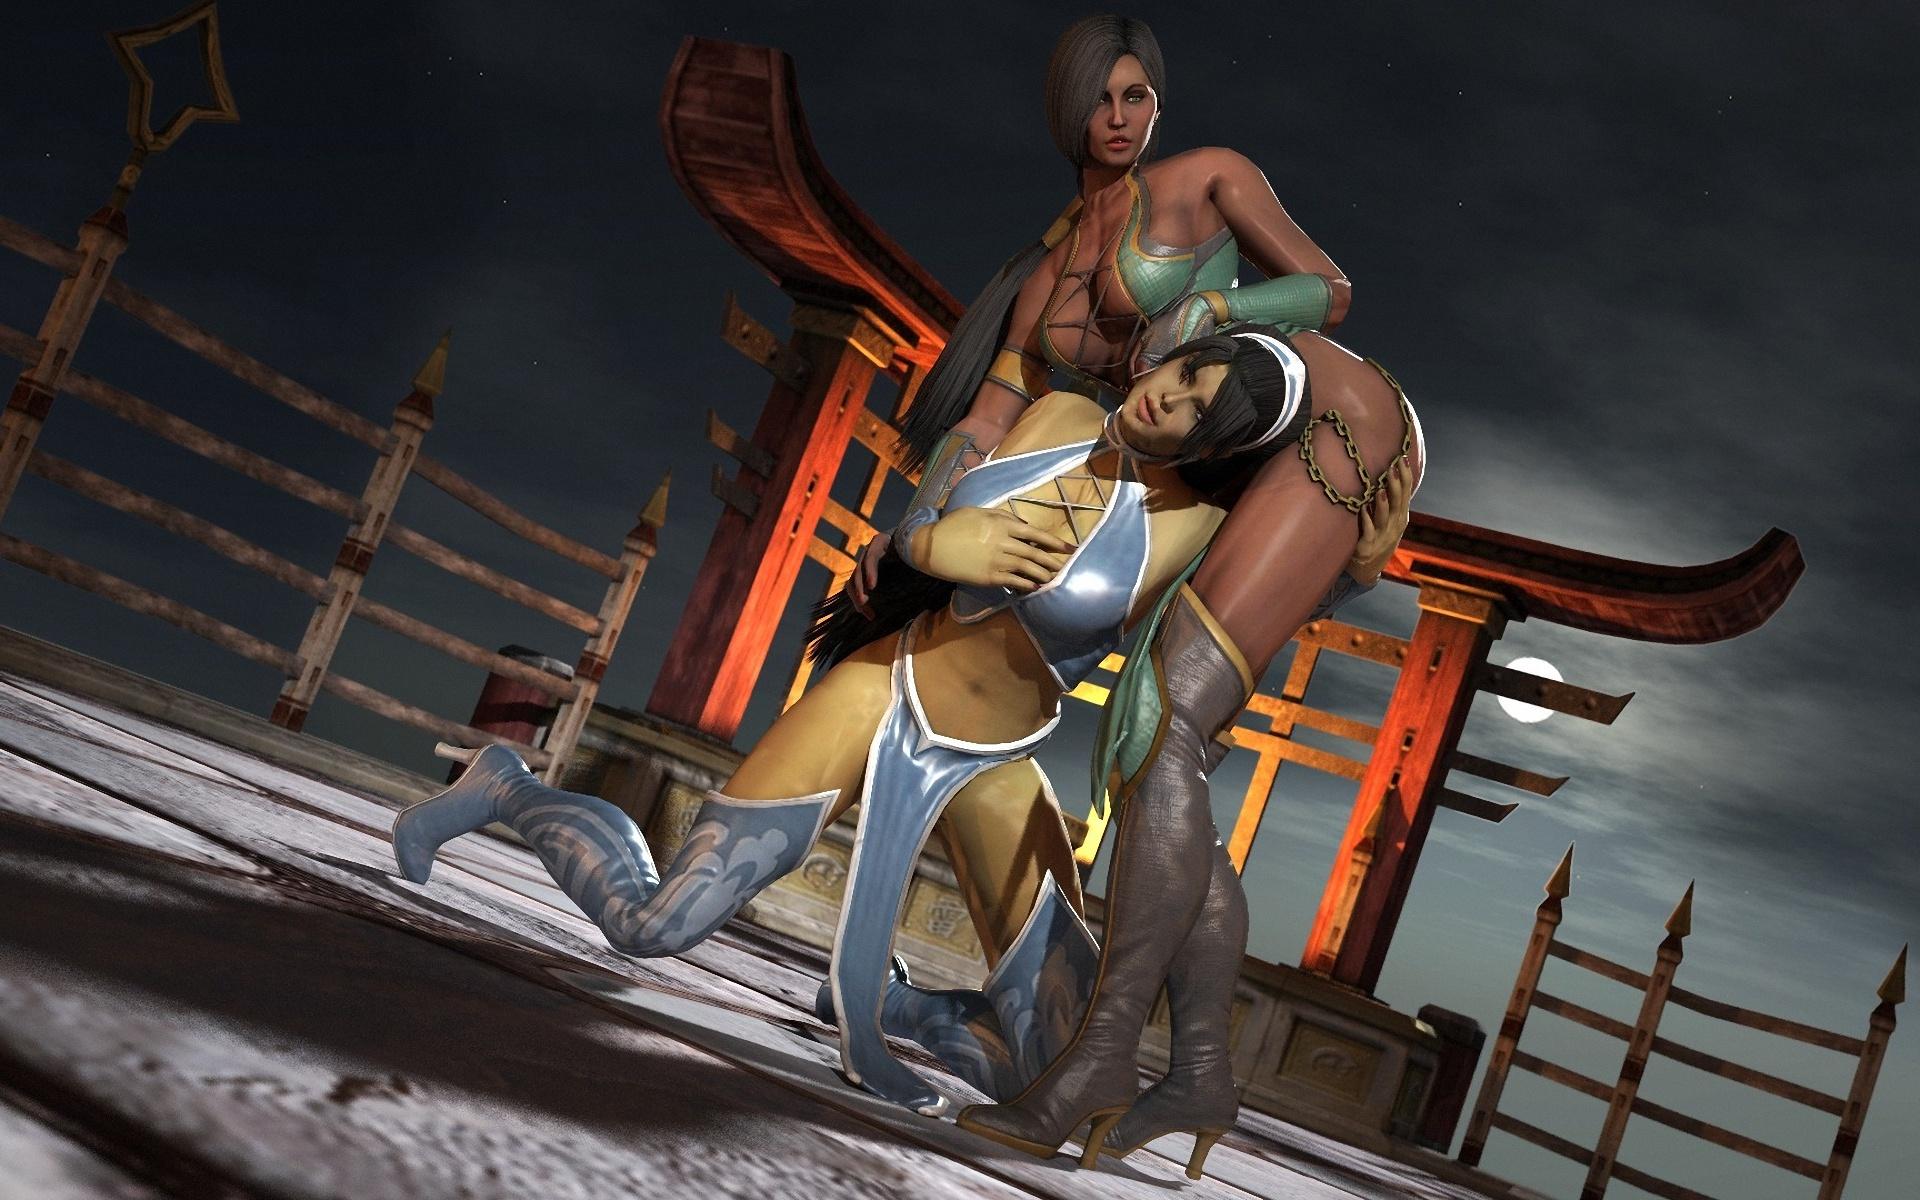 Mortal kombat sex toon xnxxvdieos sexual gallery